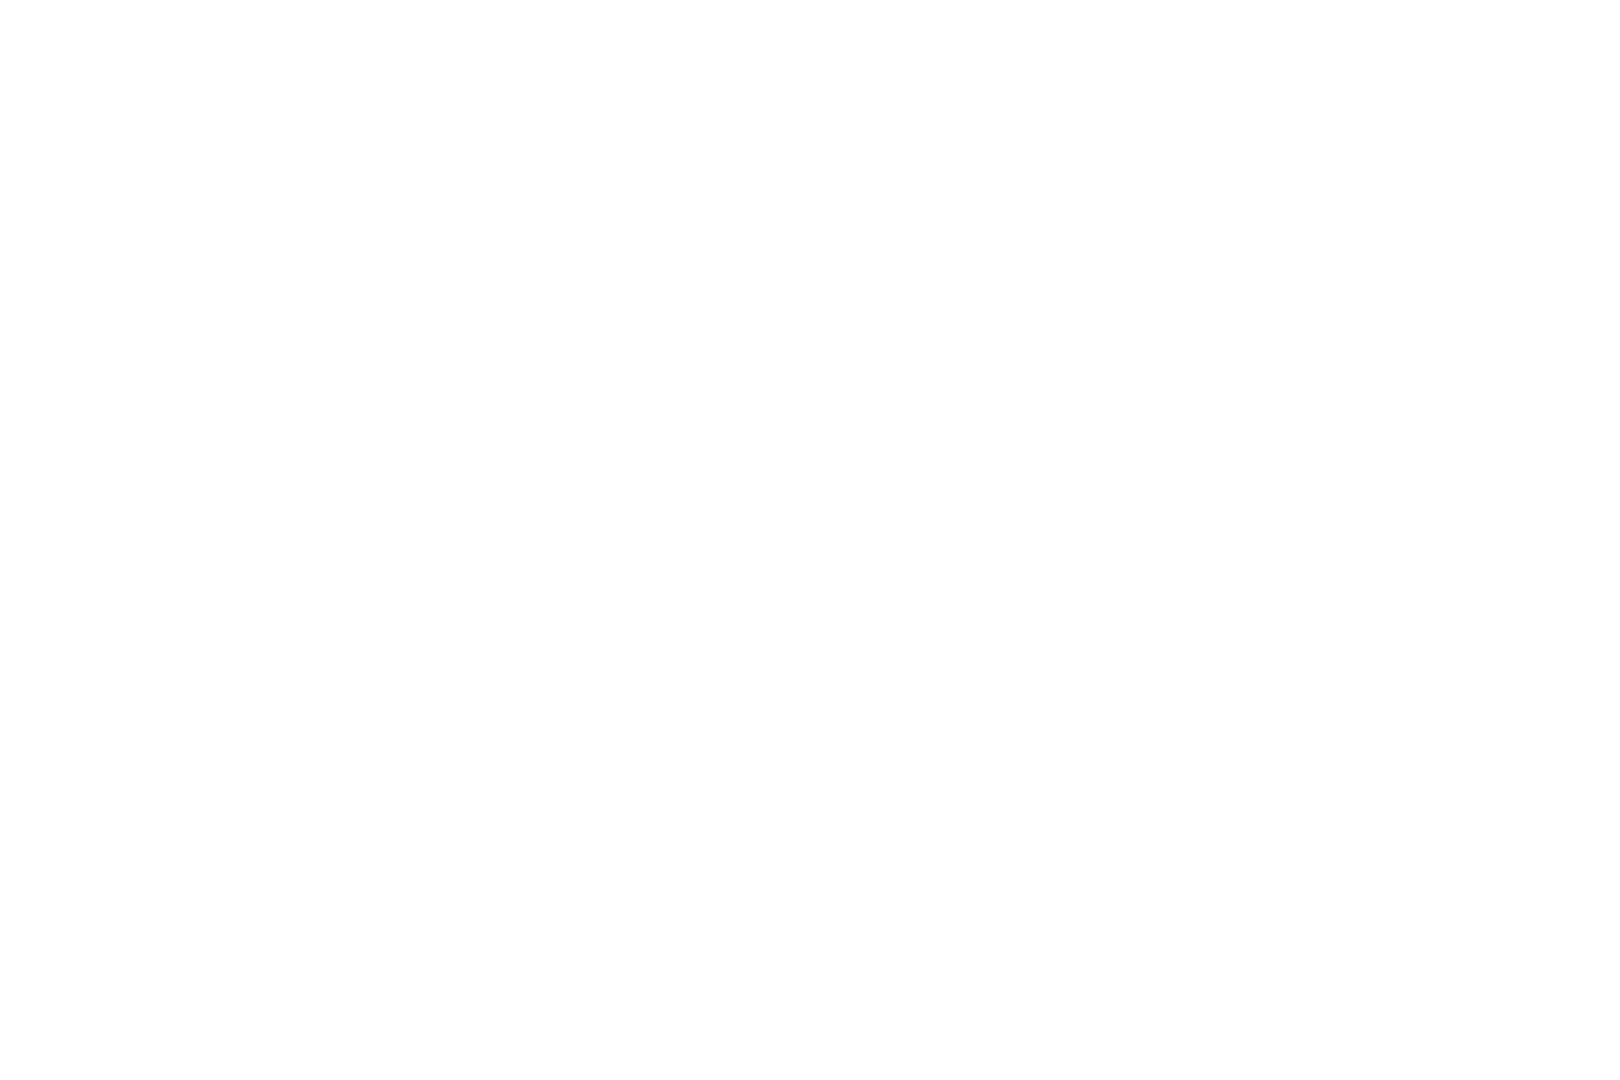 充血監督の深夜の運動会Vol.130 エロティックなOL  105画像 75